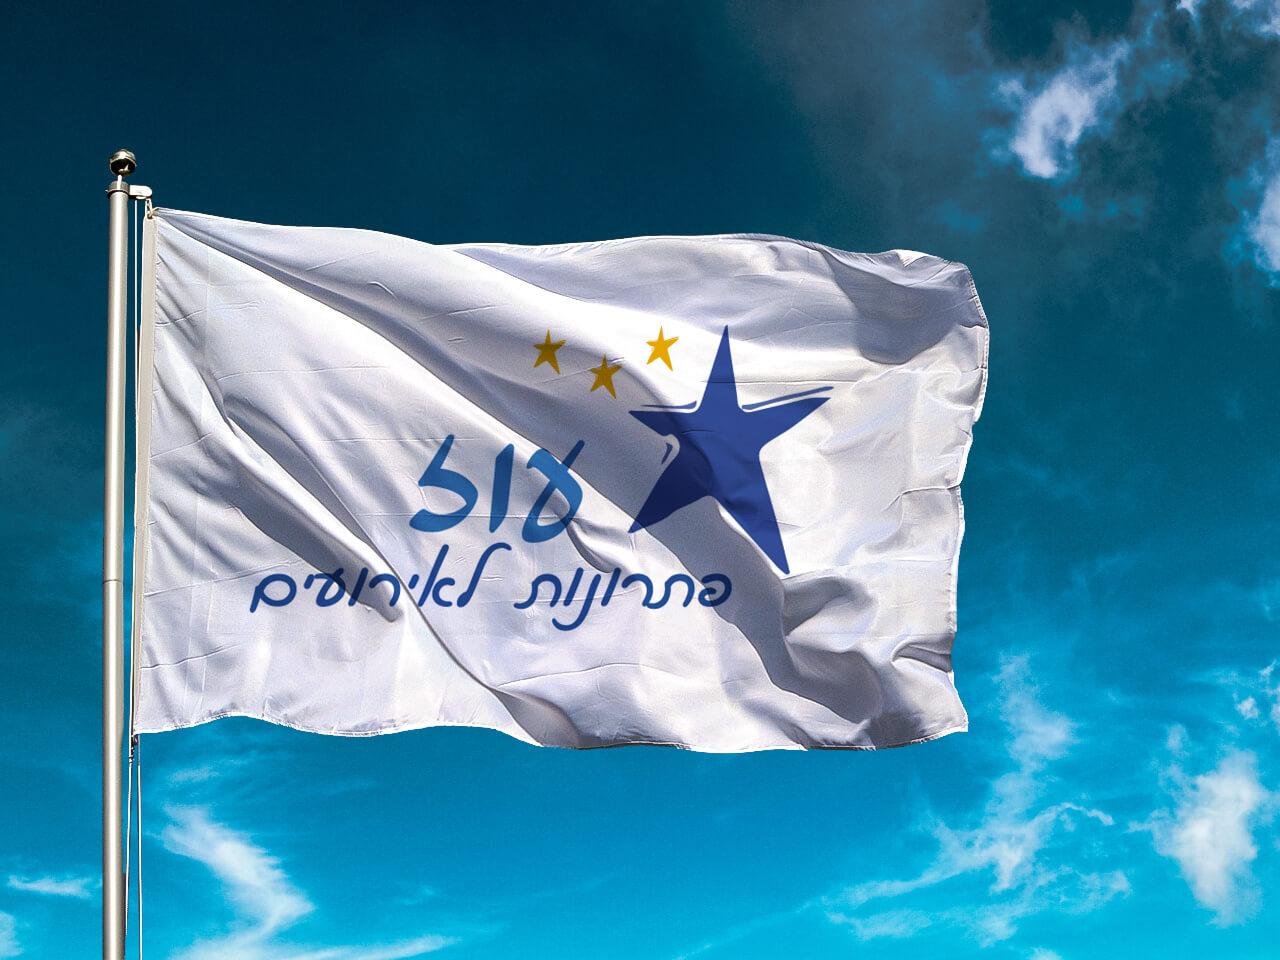 דגל לוגו בהתאמה אישית 110*80 - תמונה 1